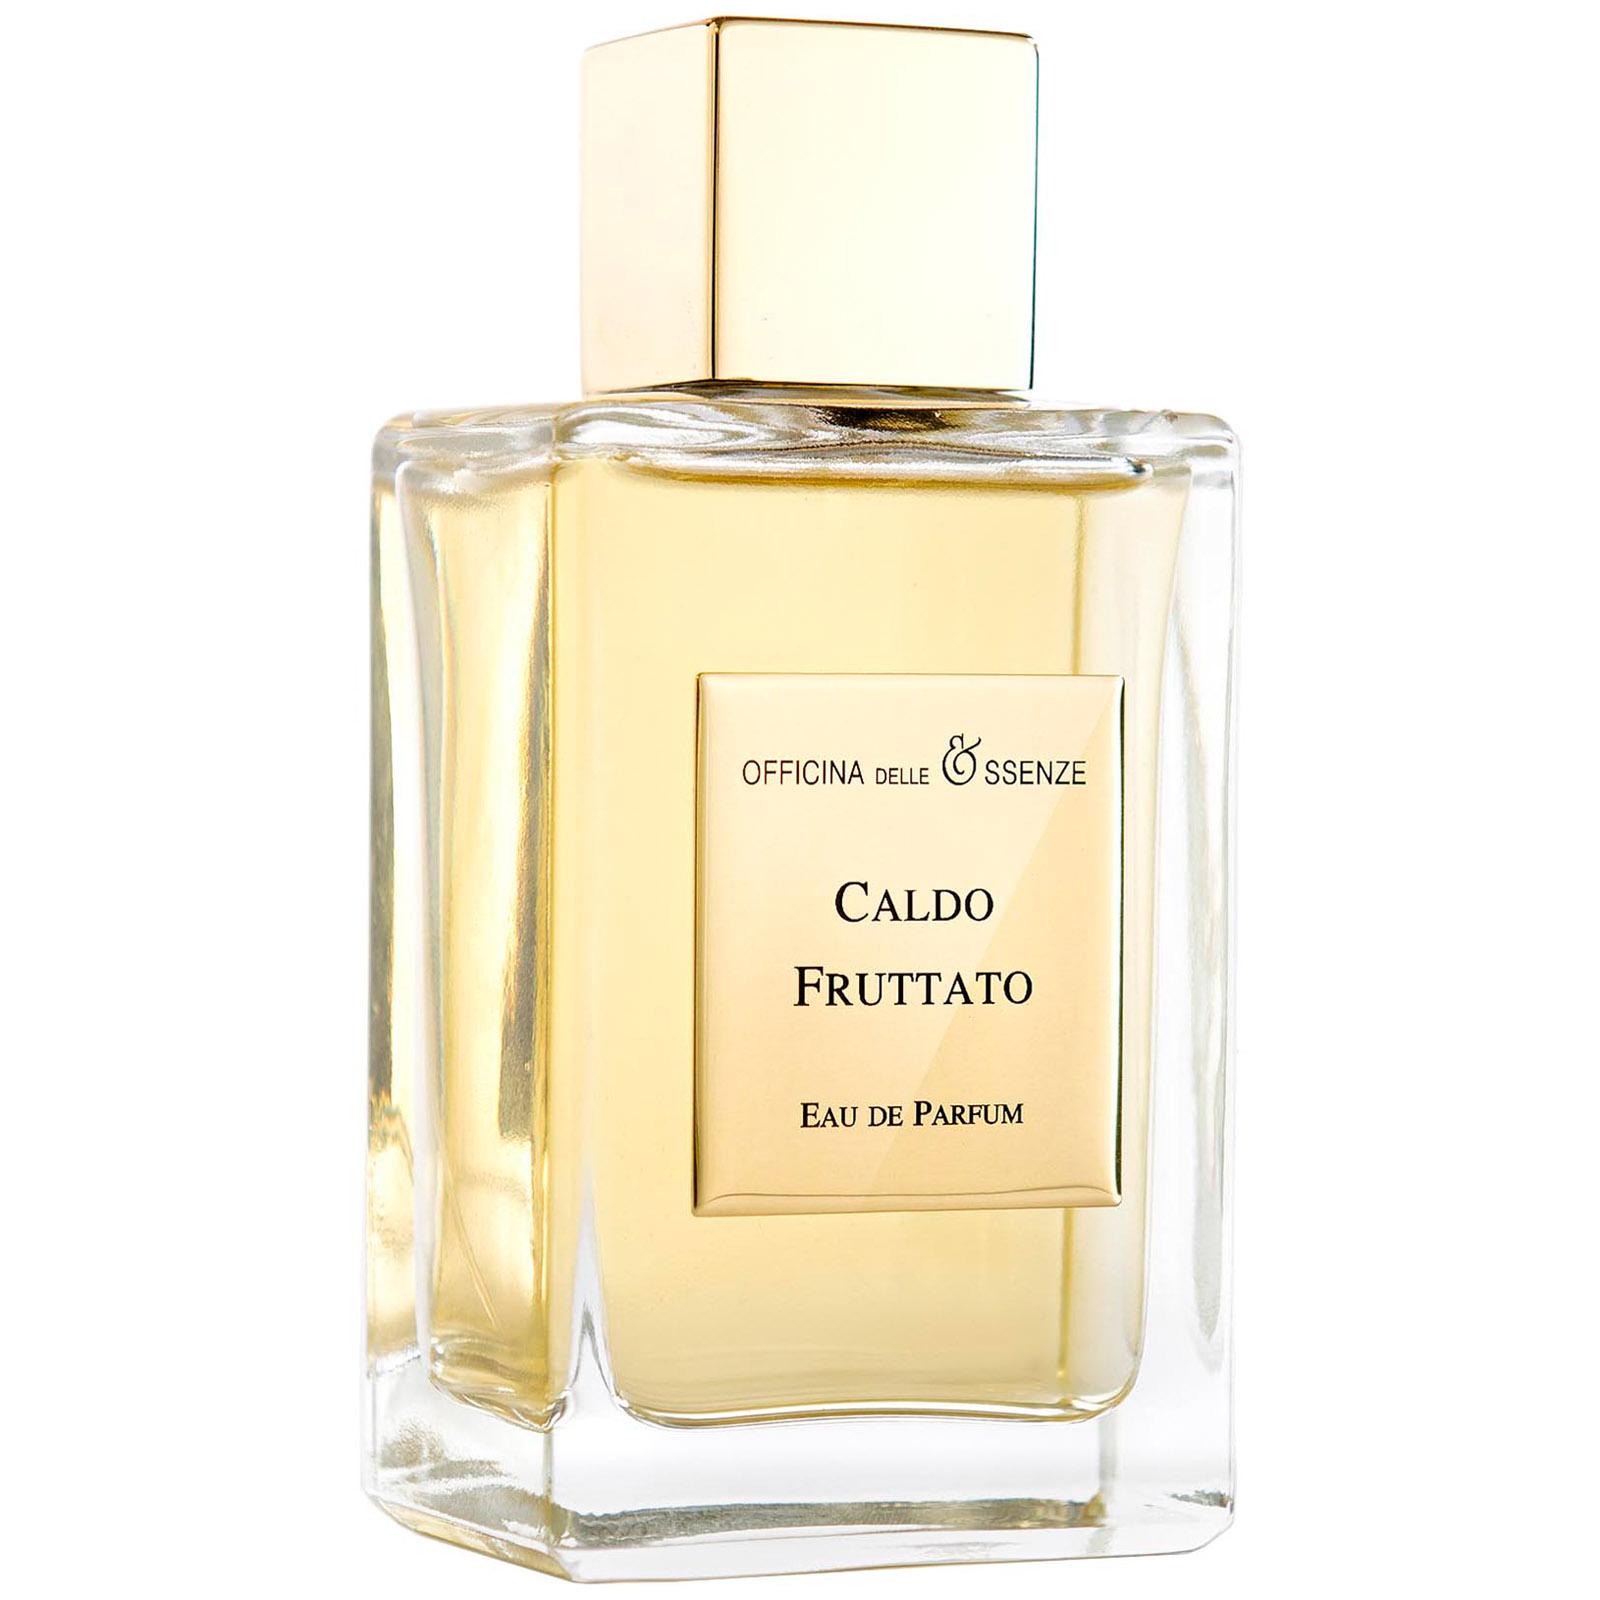 Caldo fruttato profumo eau de parfum 100 ml